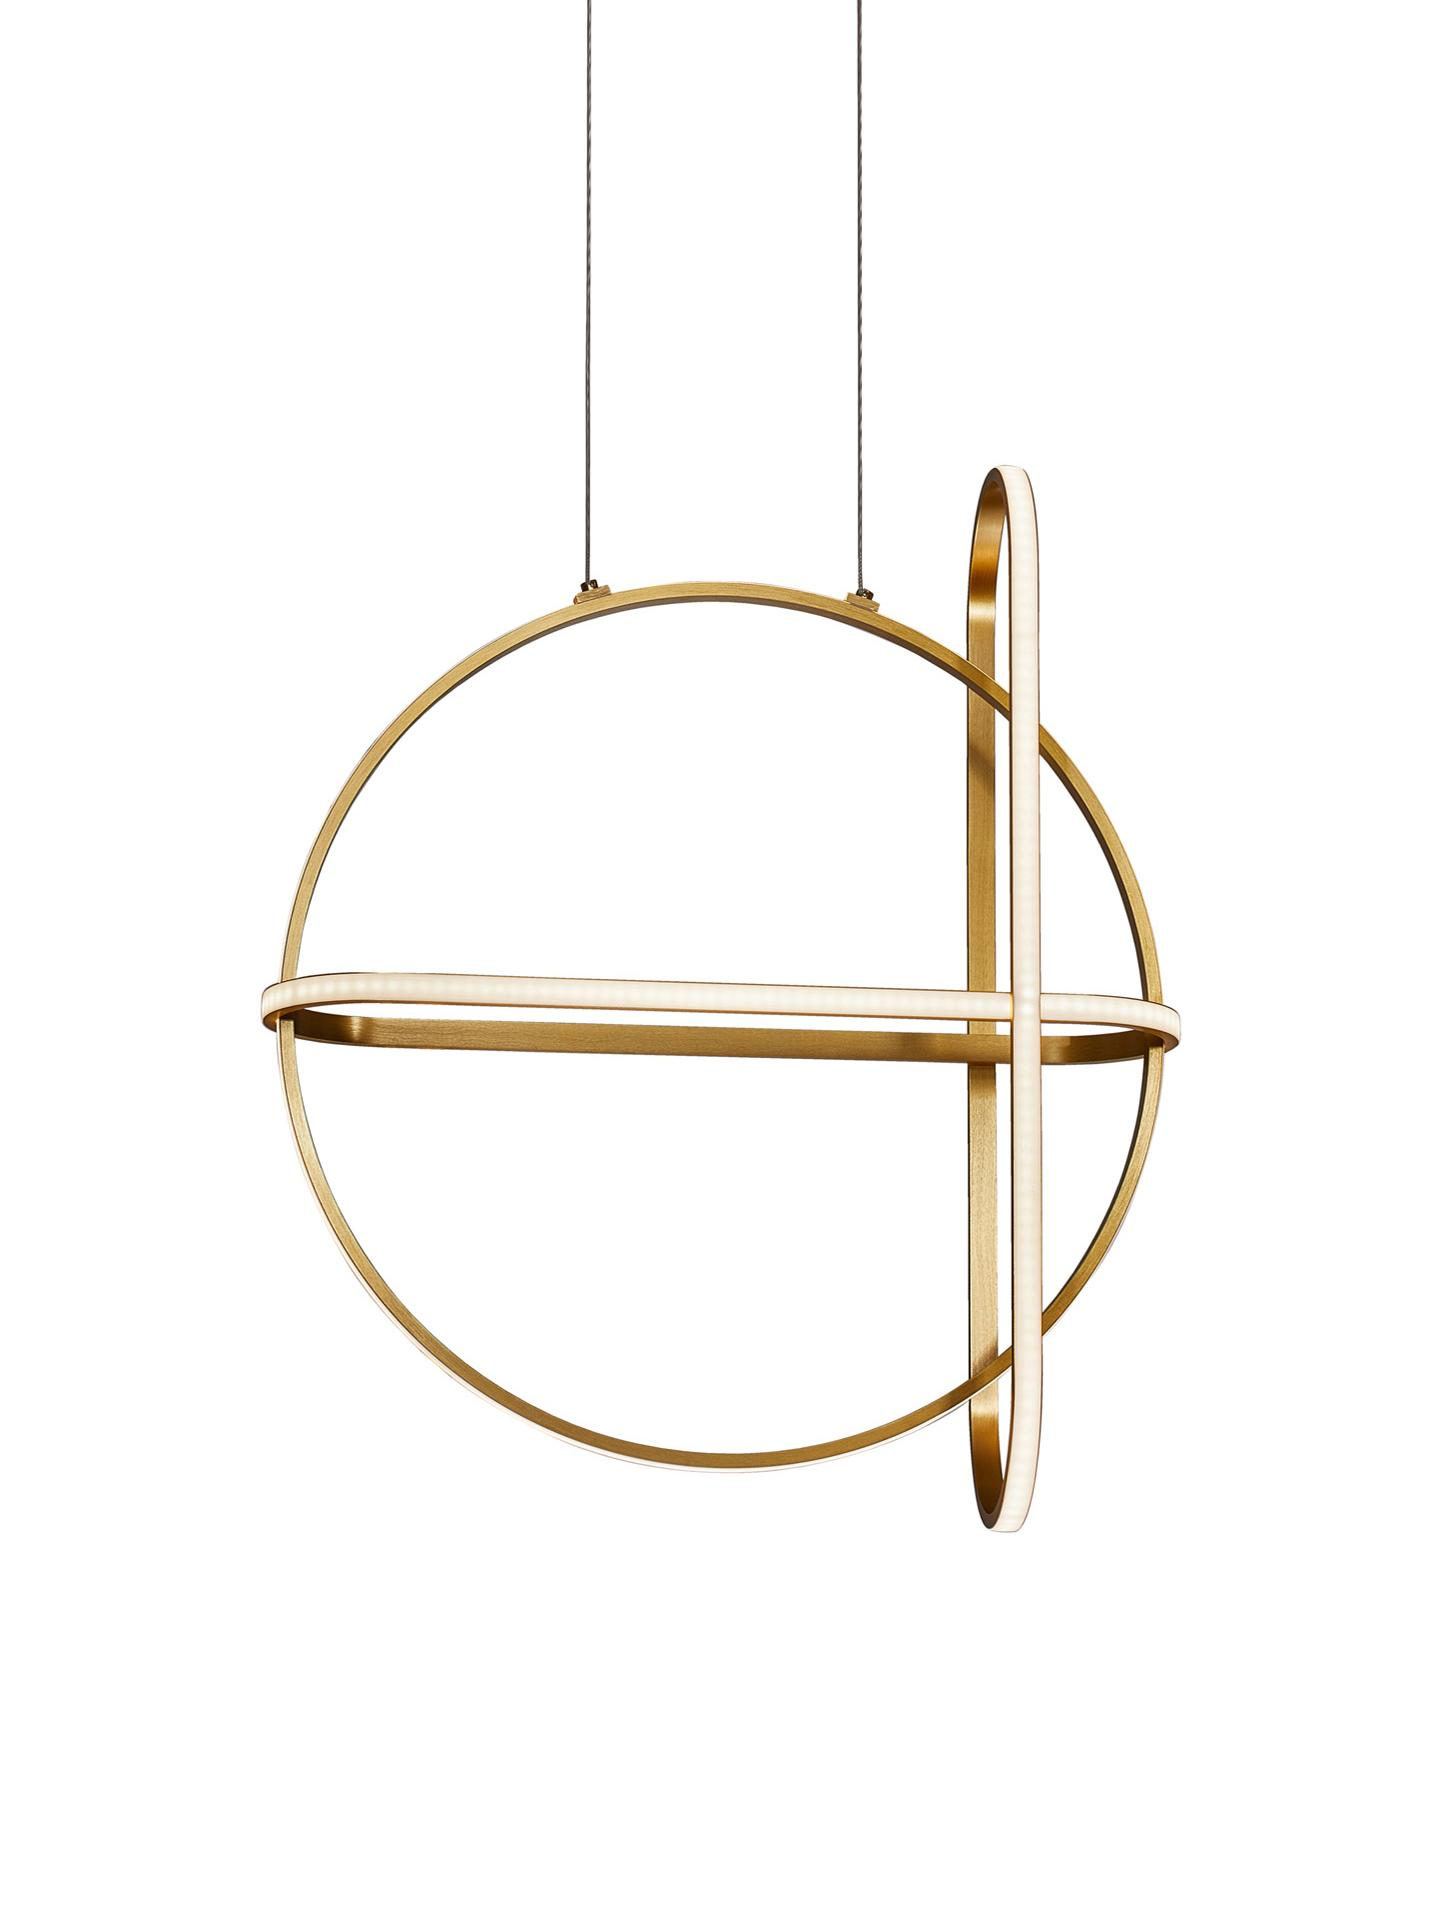 Lampada a sospensione a LED ottonata Arte, Disco diffusore: vetro acrilico, Baldacchino: alluminio rivestito, Ottonato, Larg. 52 x Alt. 120 cm